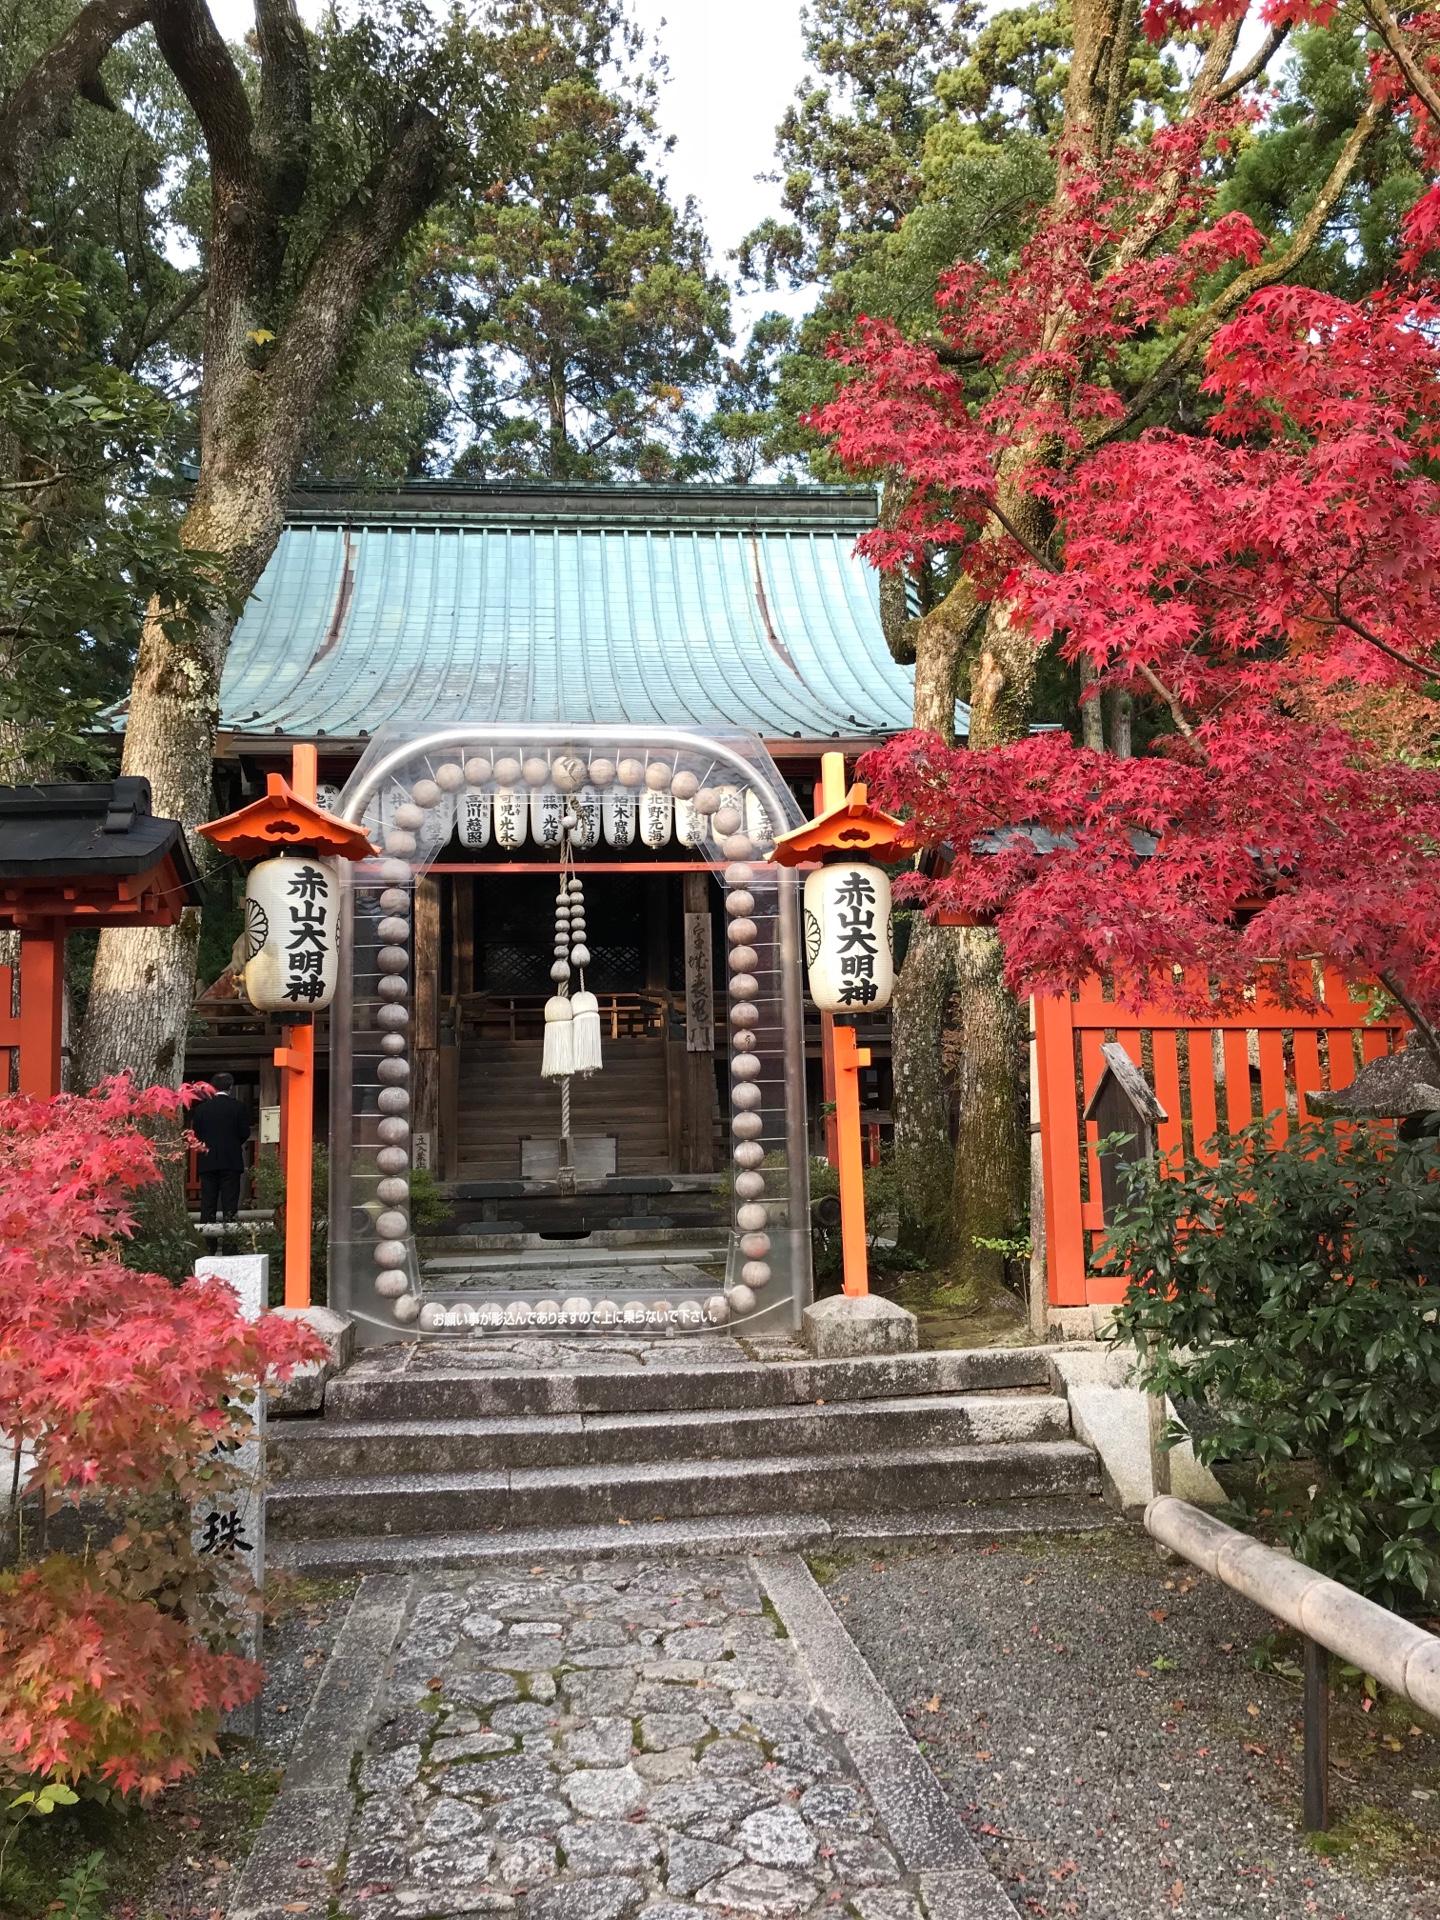 お数珠と鳥居の神仏習合のお寺です。